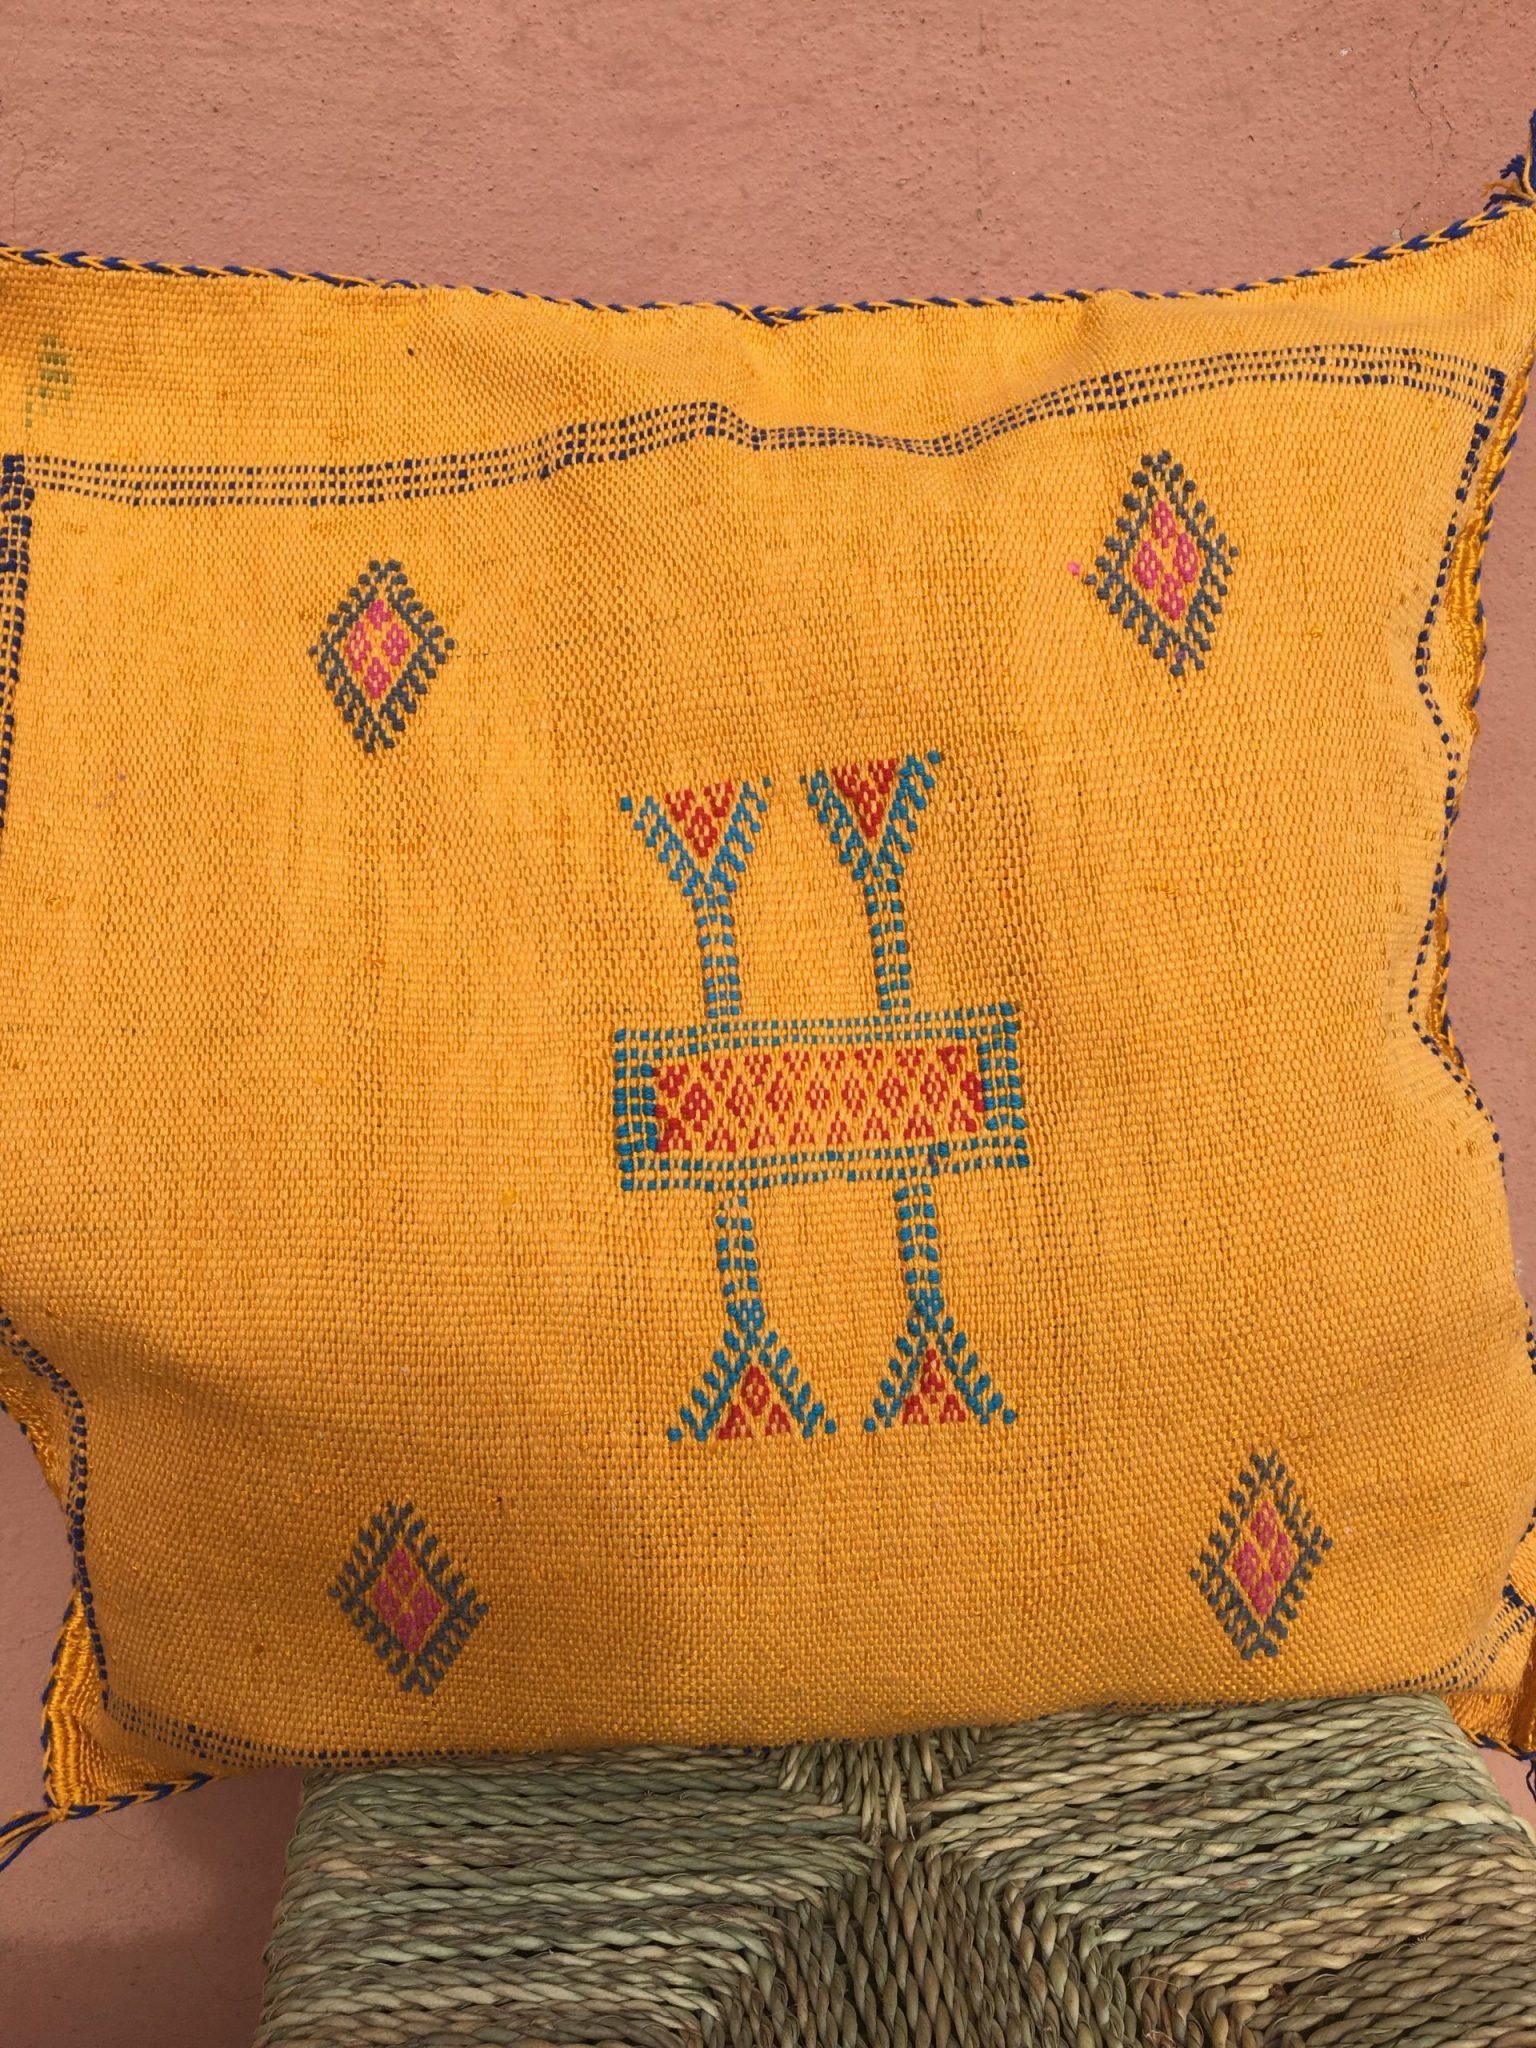 Moroccan Cactus Silk Pillow Cover:Woven